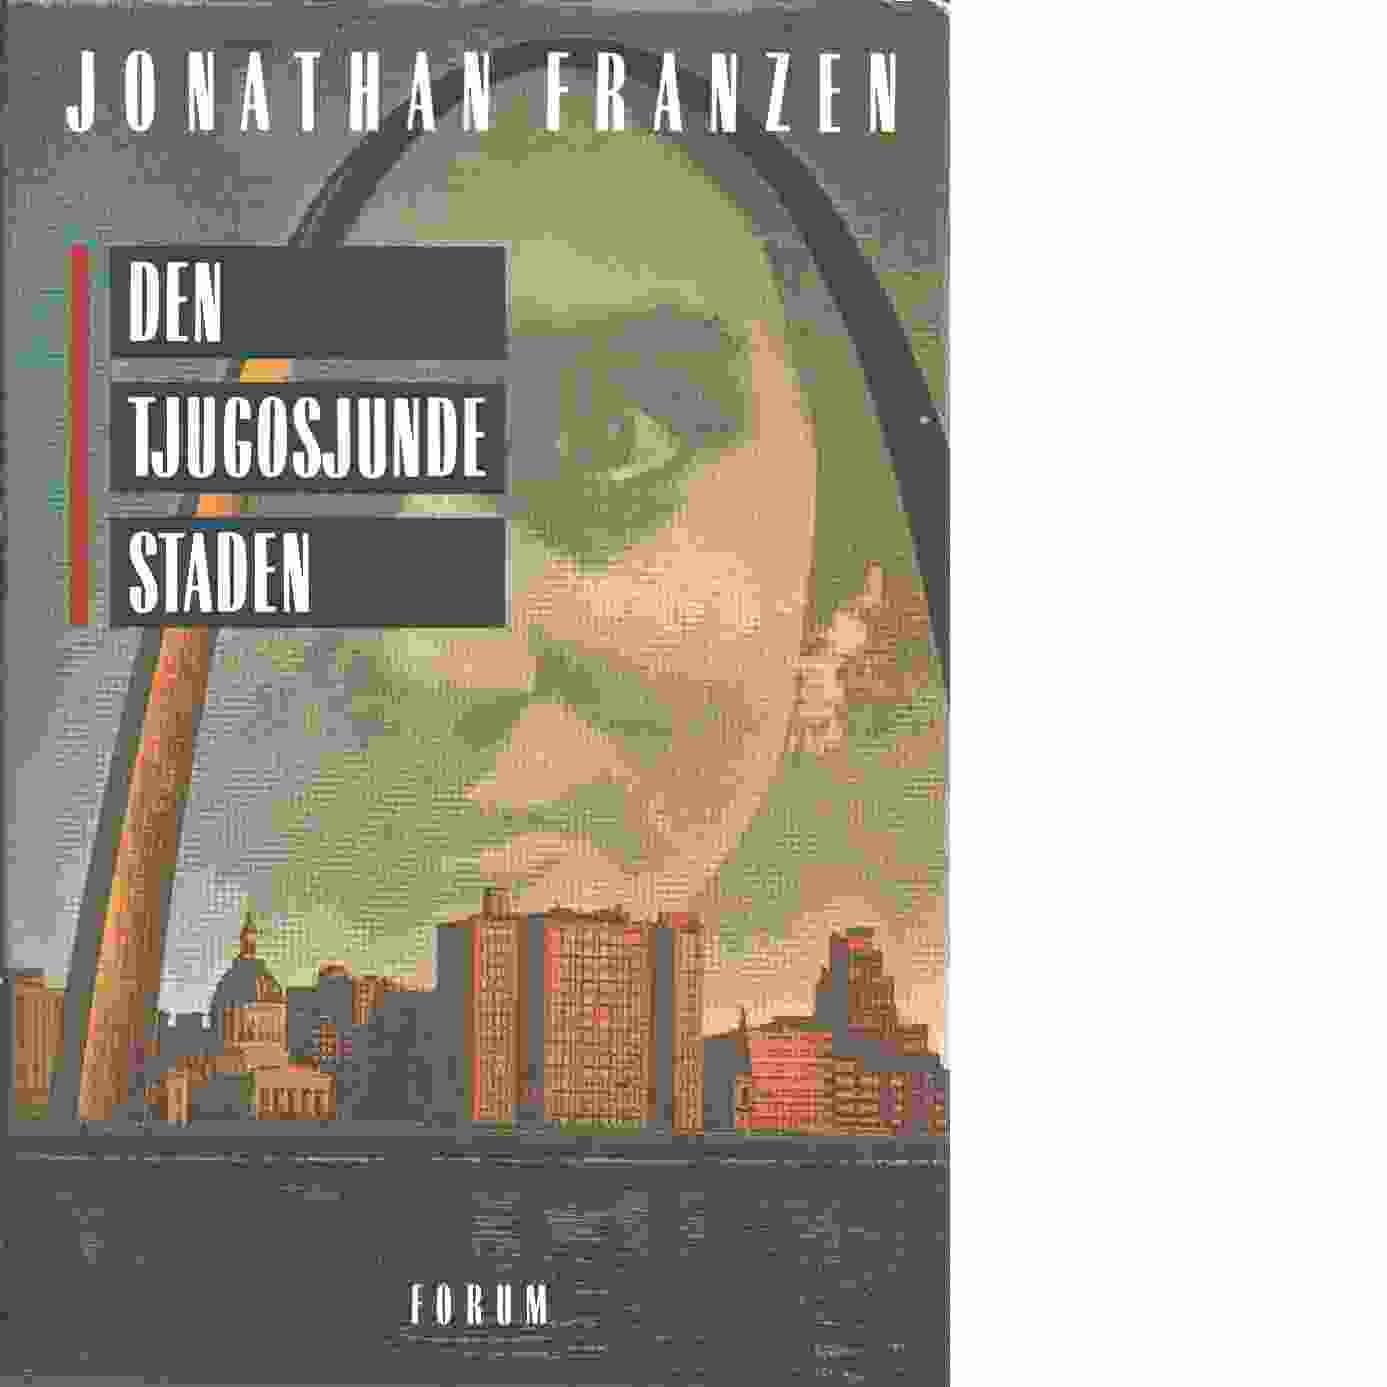 Den tjugosjunde staden - Franzen, Jonathan